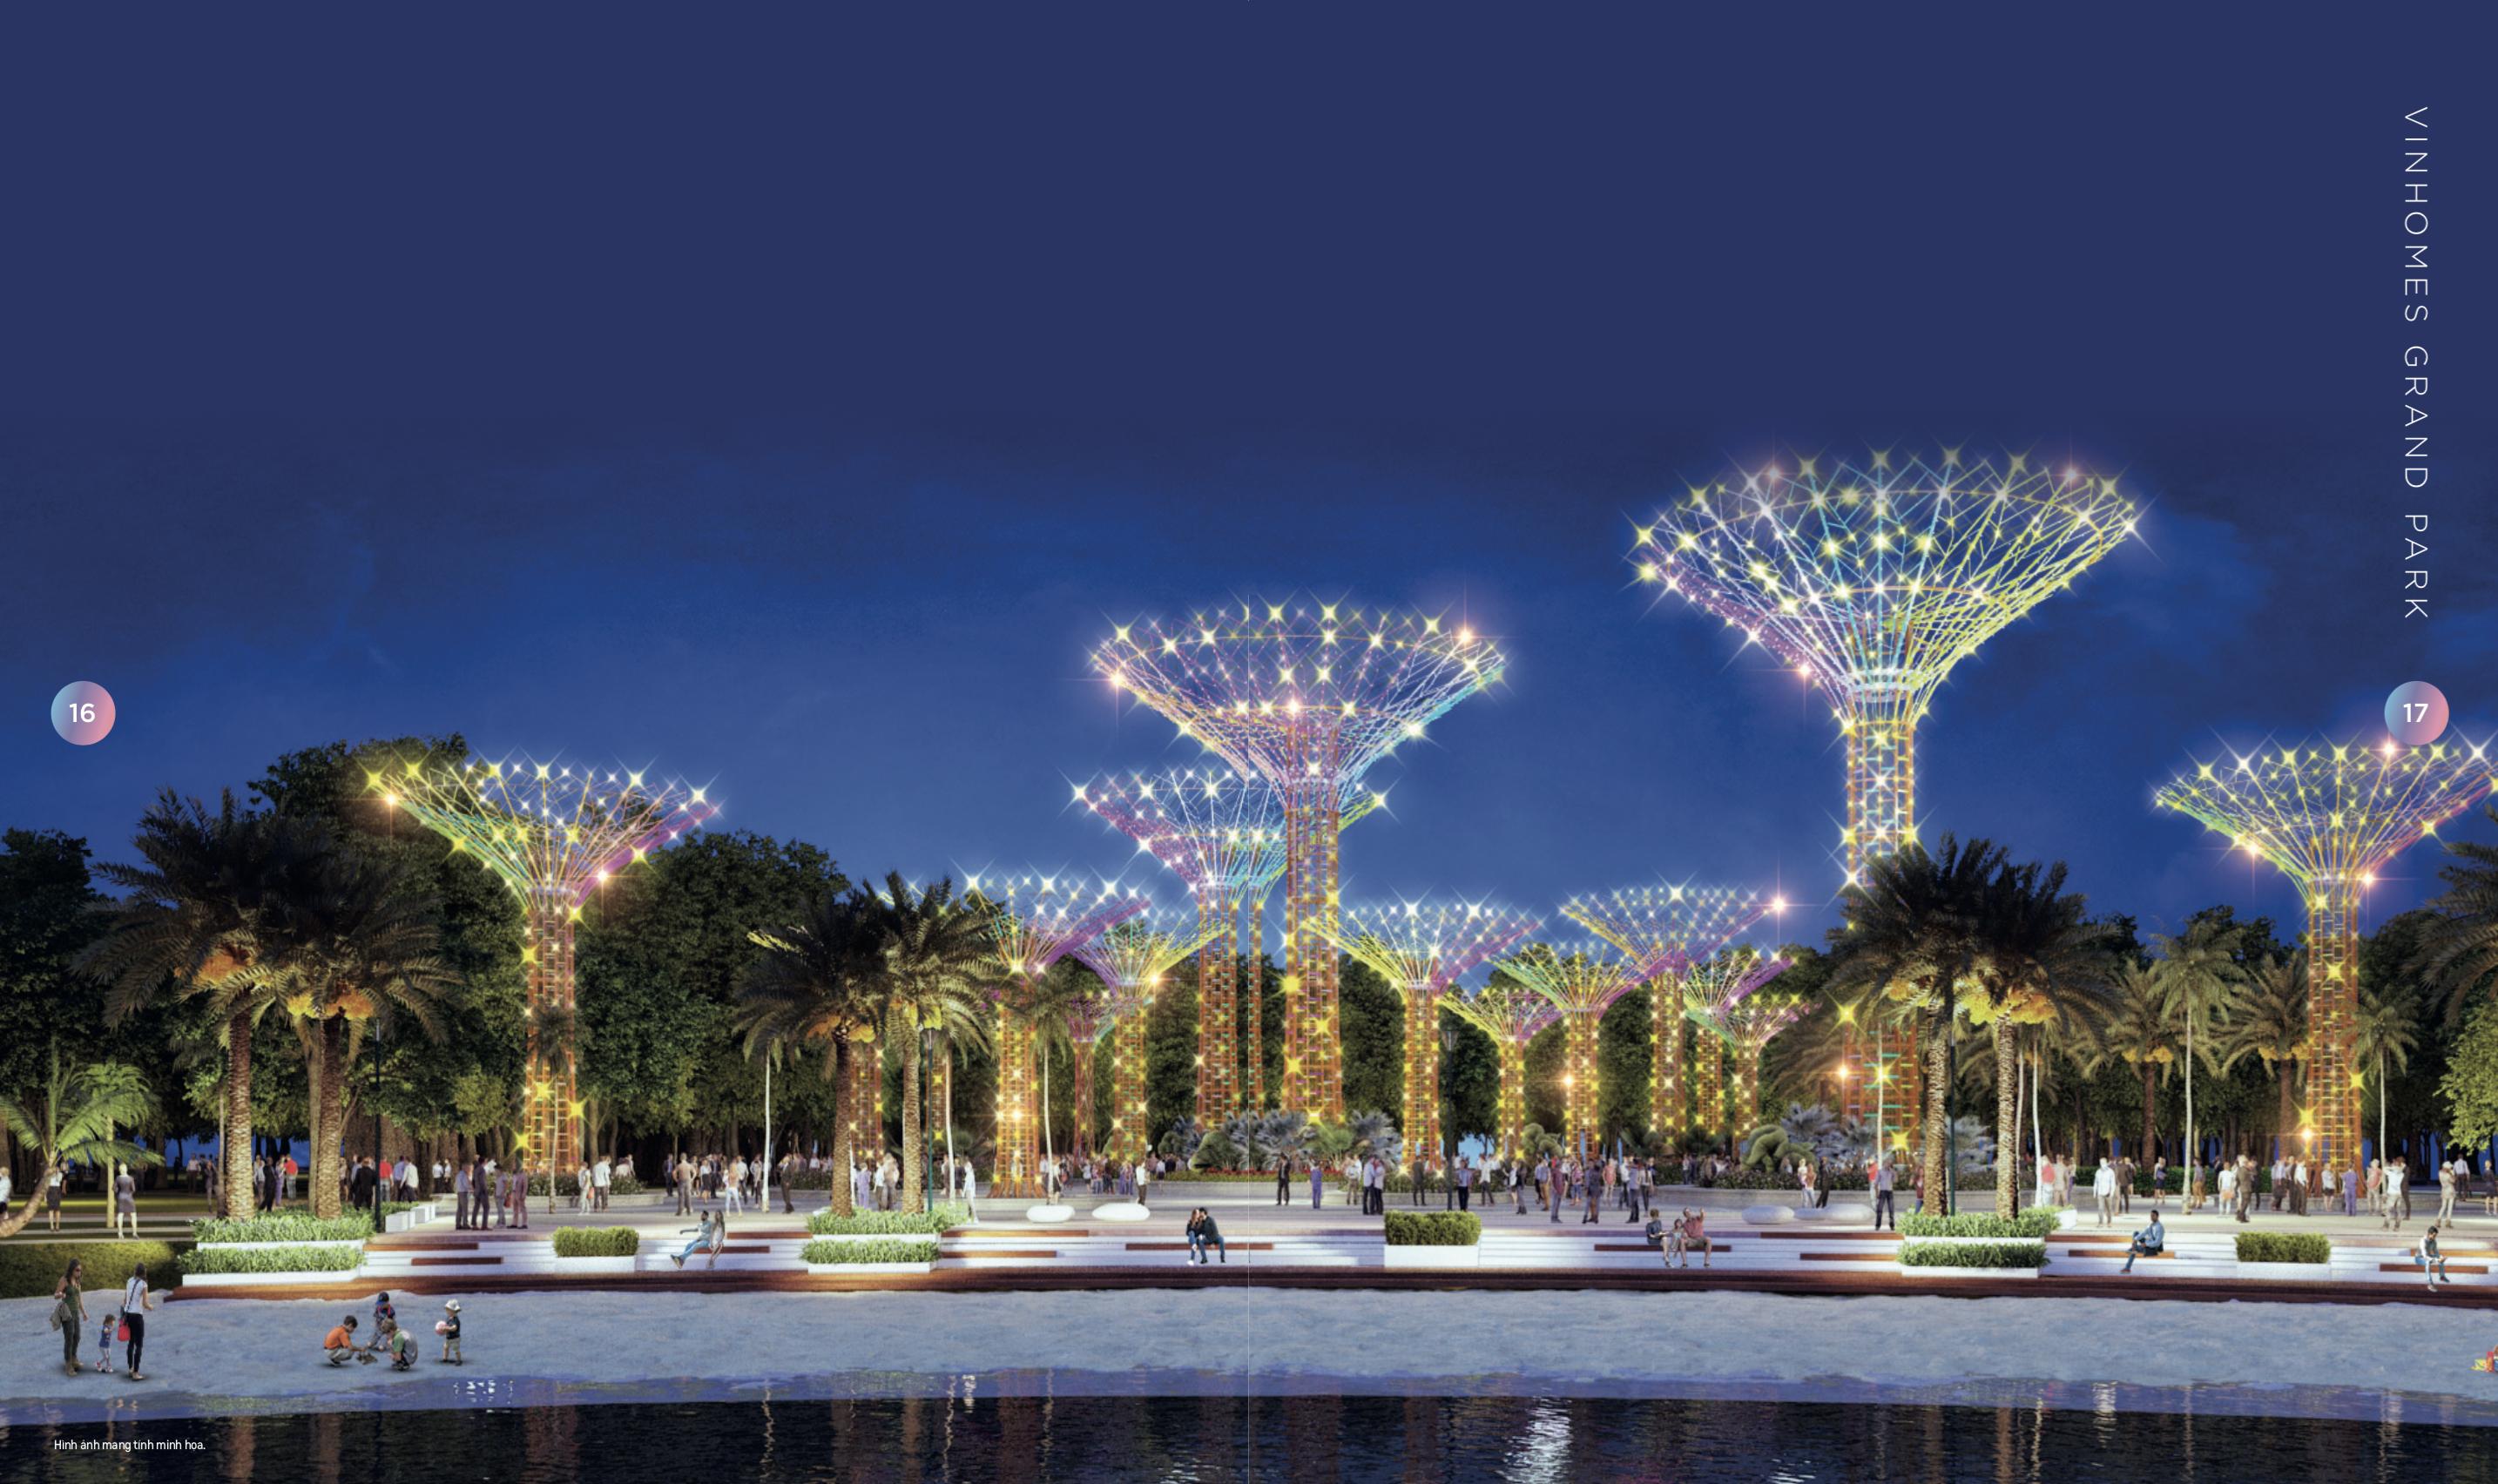 Ra mắt dự án 'Thành phố thông minh - công viên' Vinhomes Grand Park